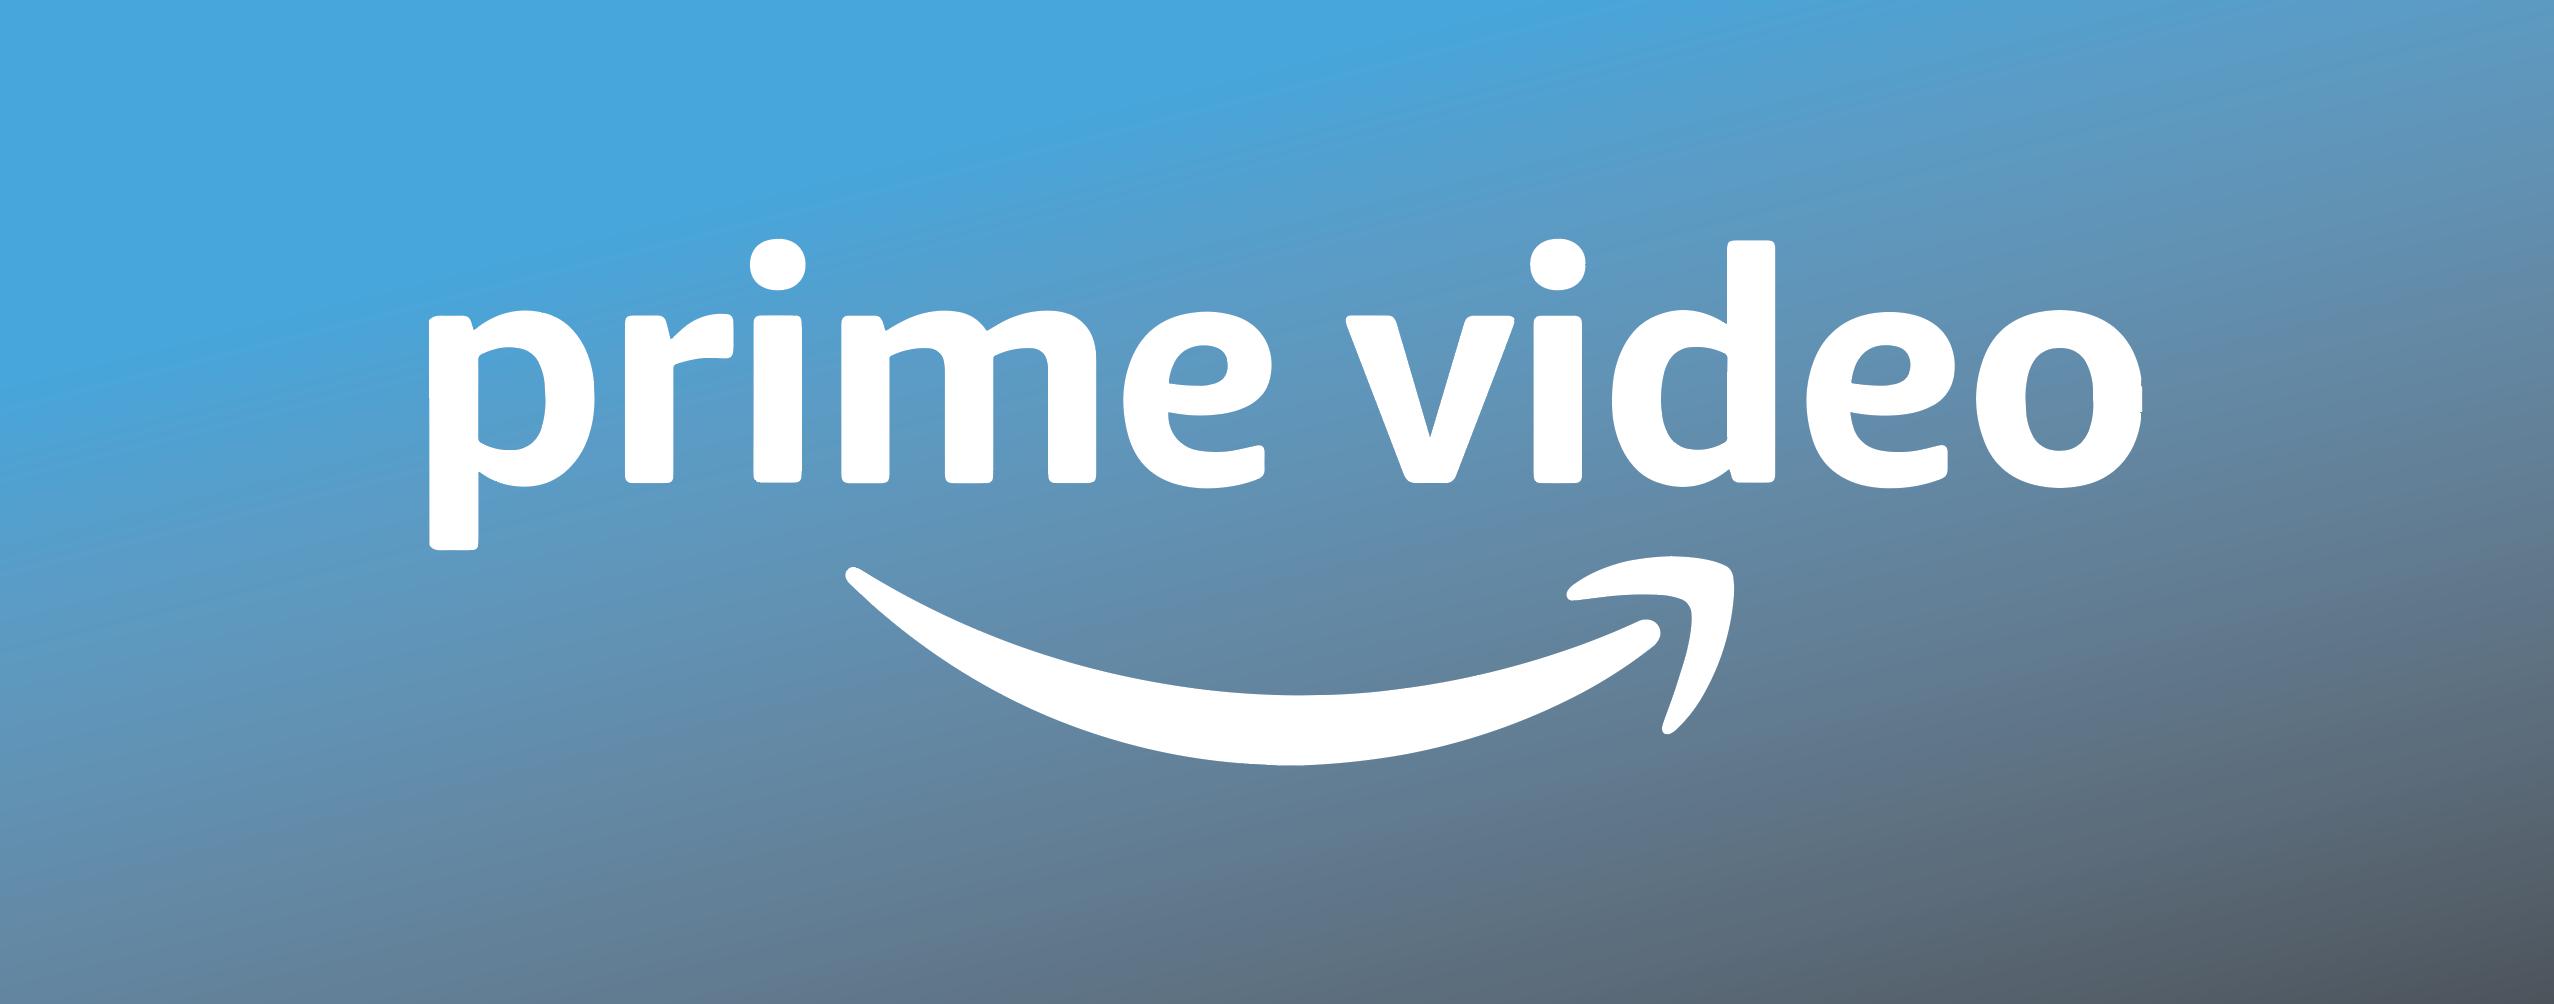 primevideo amazon